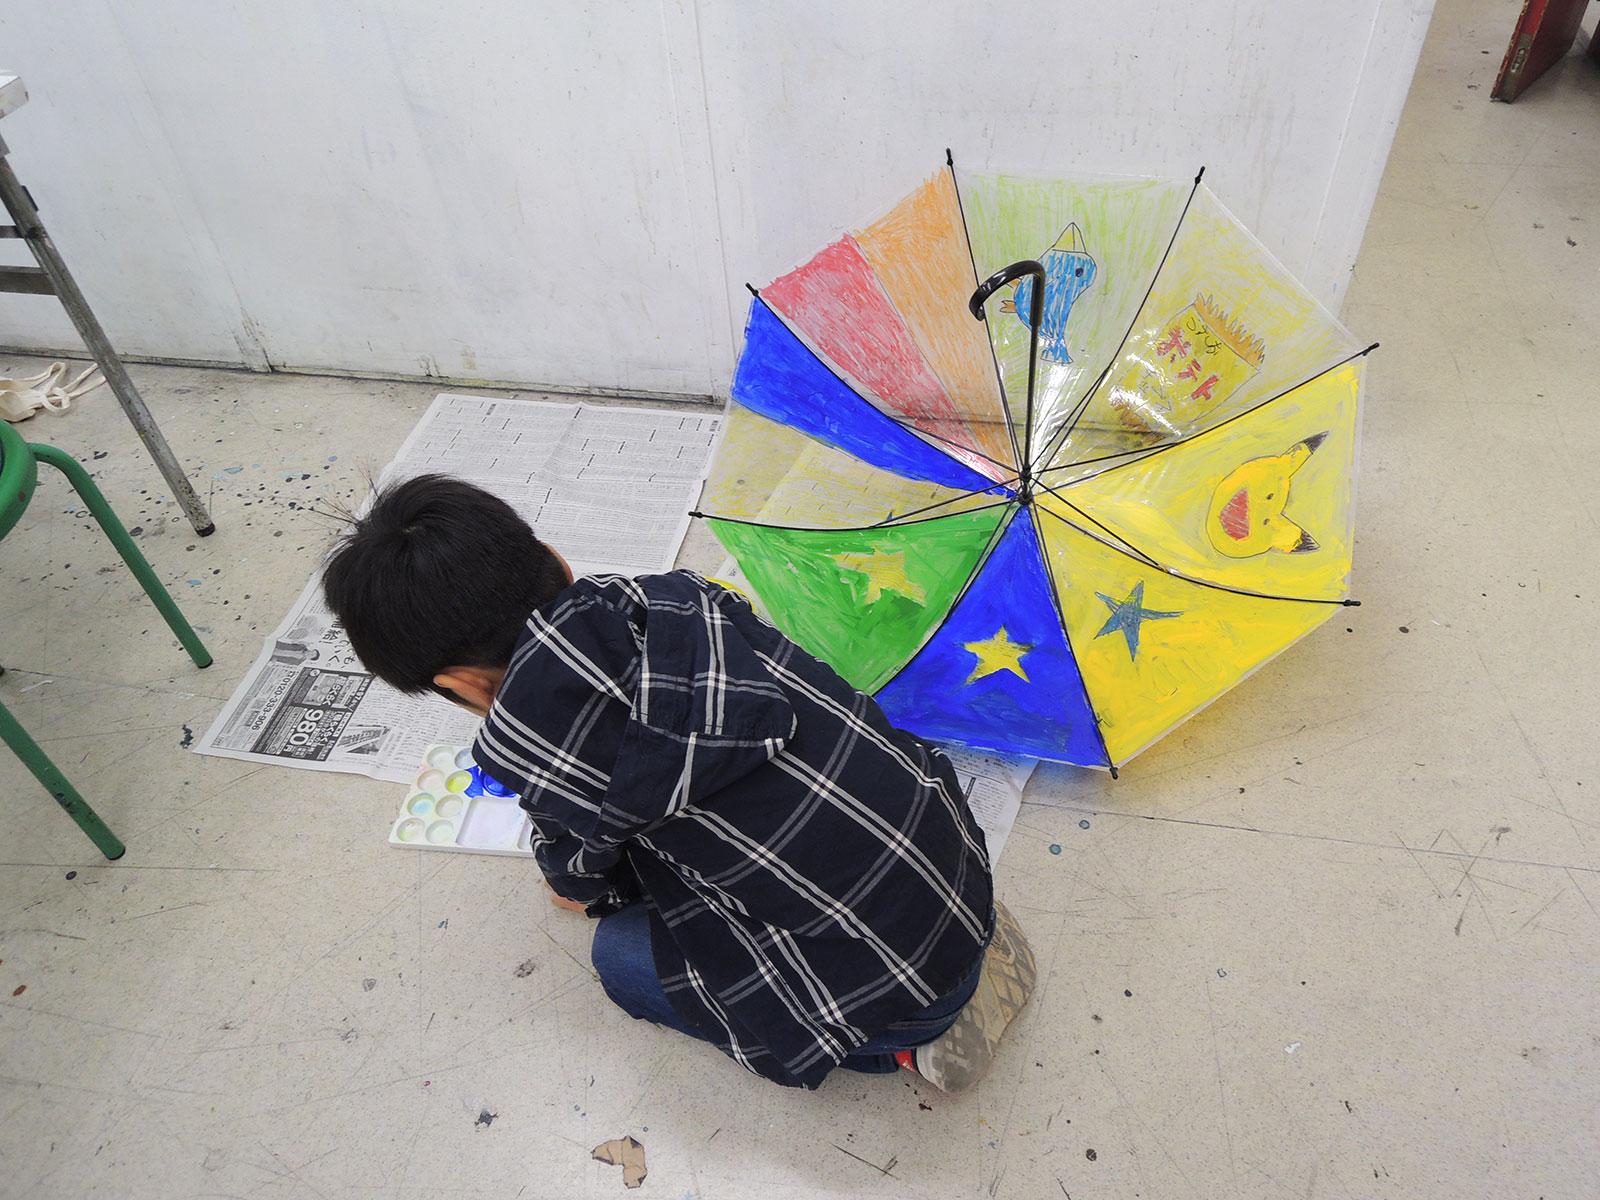 オリジナル傘制作中